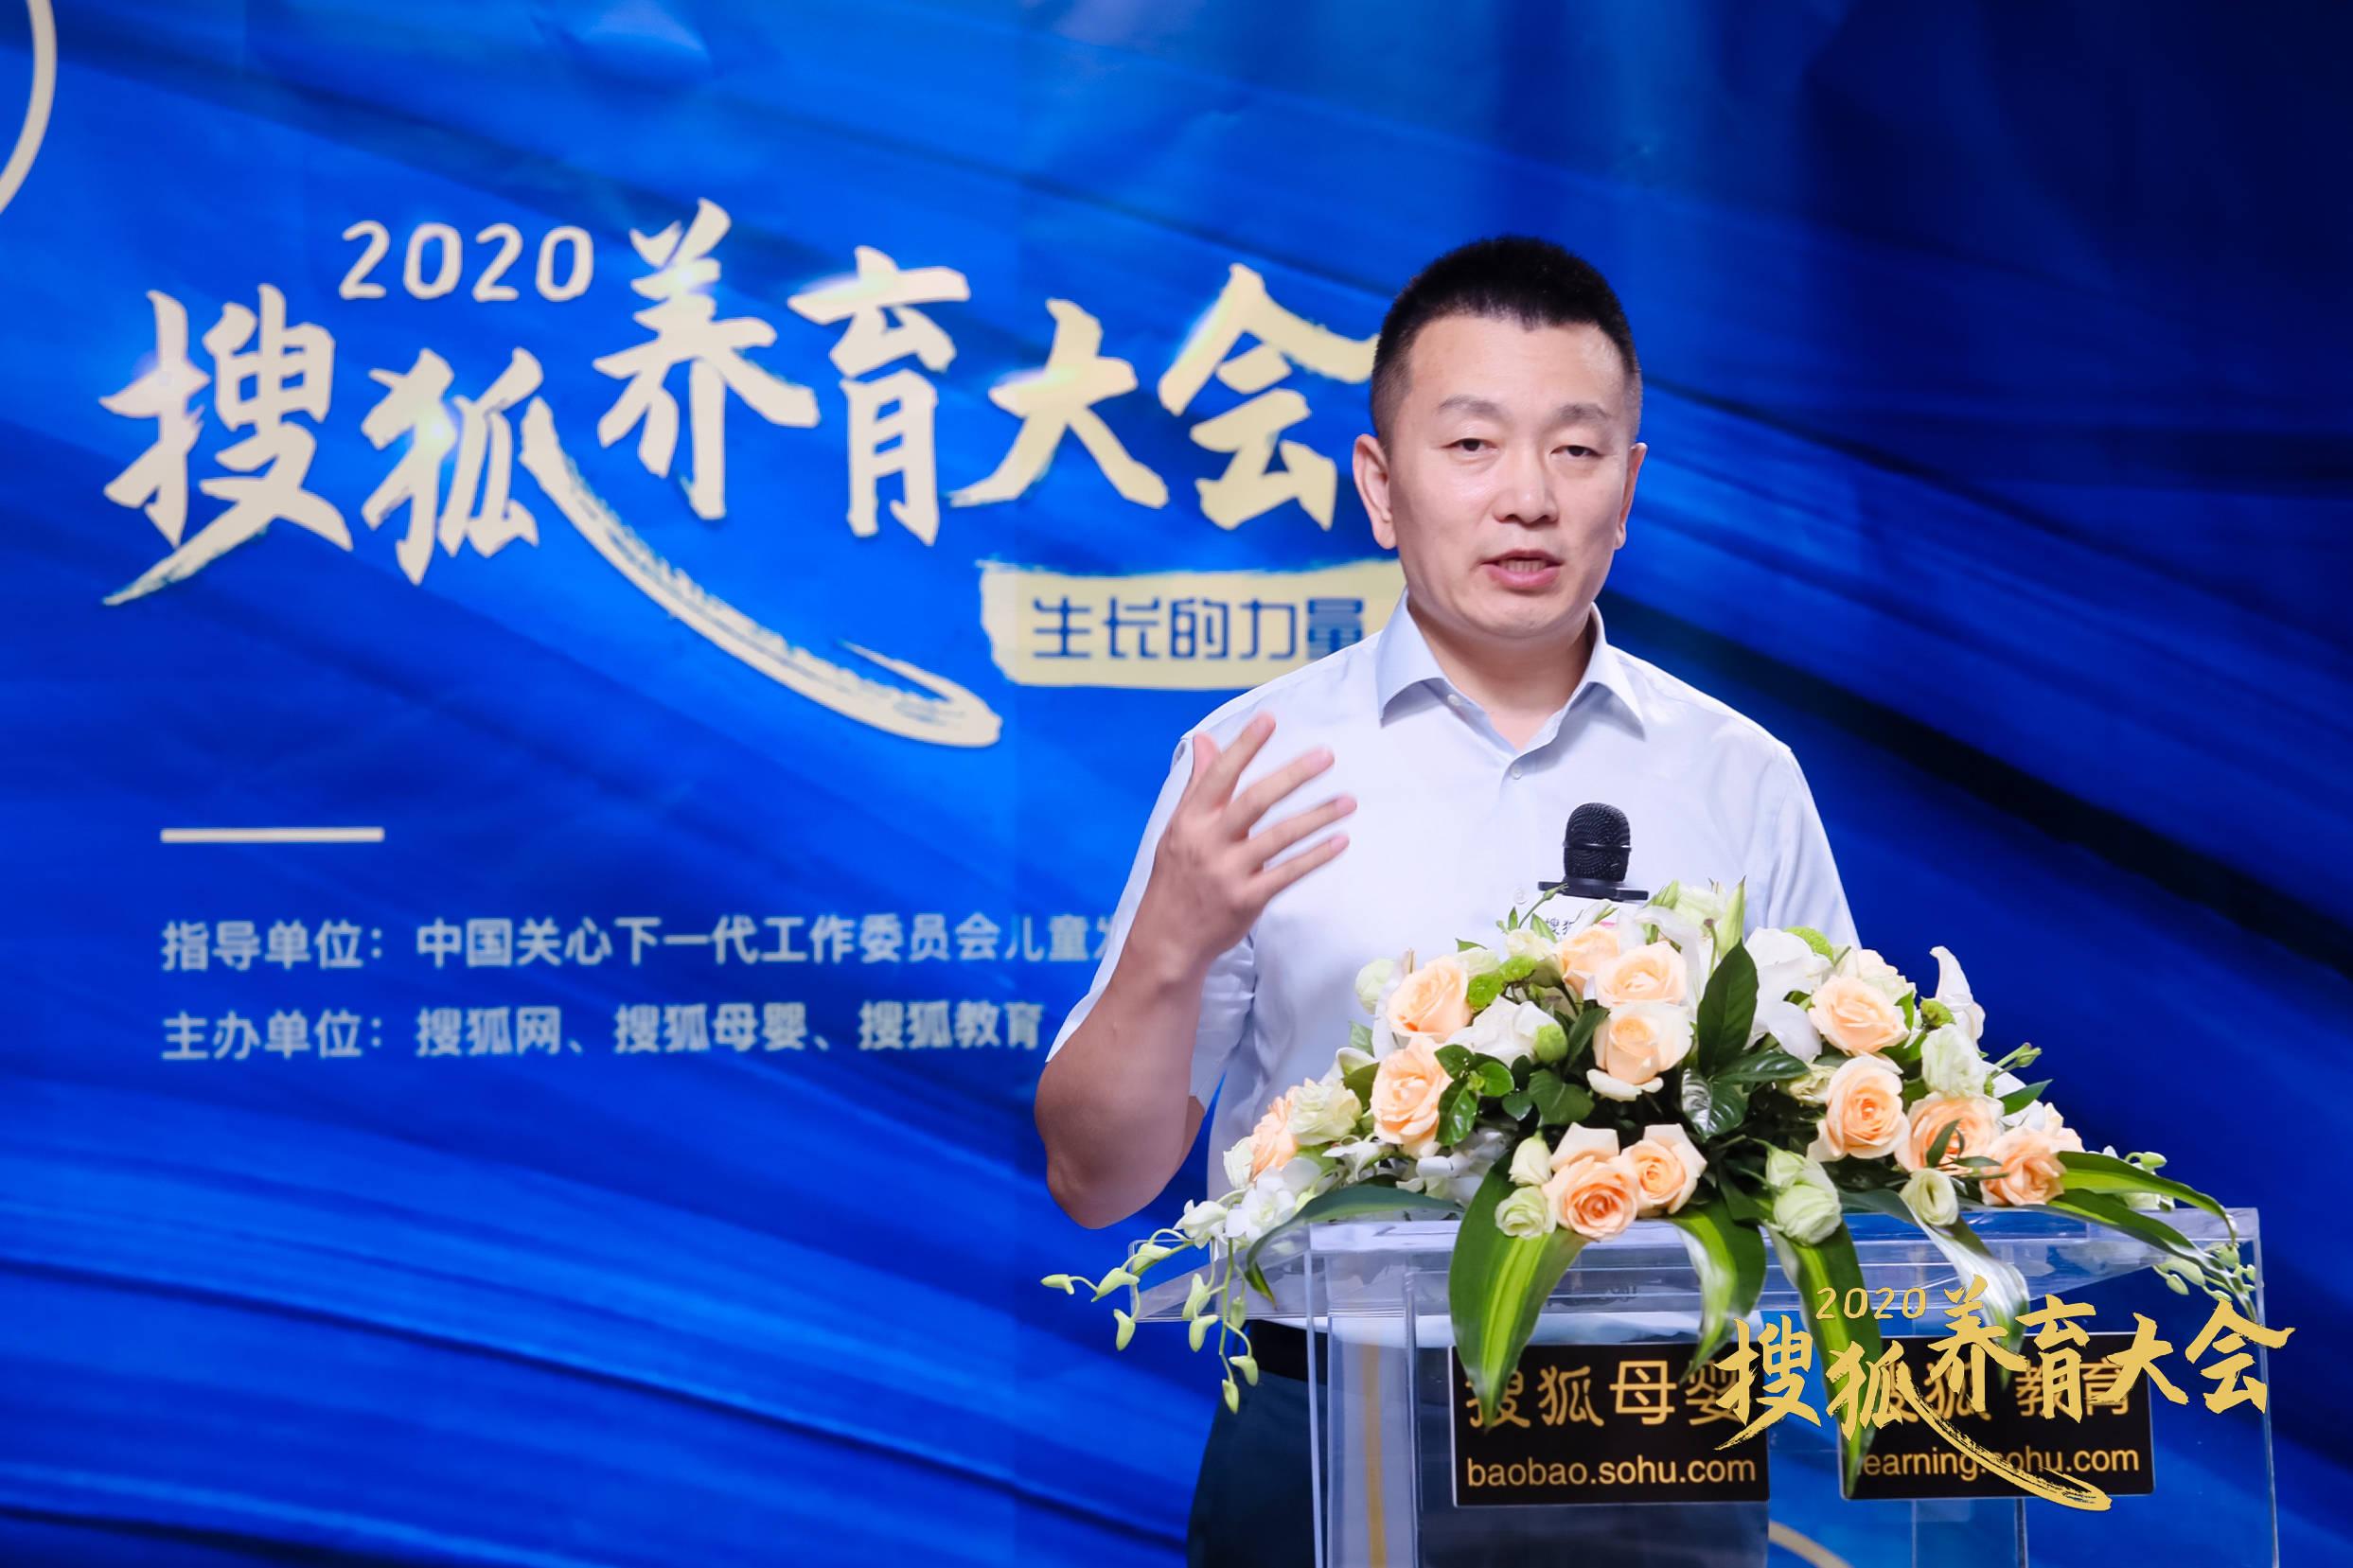 原中国营养学会注册营养师余仁文:生命的前1000天,吃营养决定孩子一生的健康